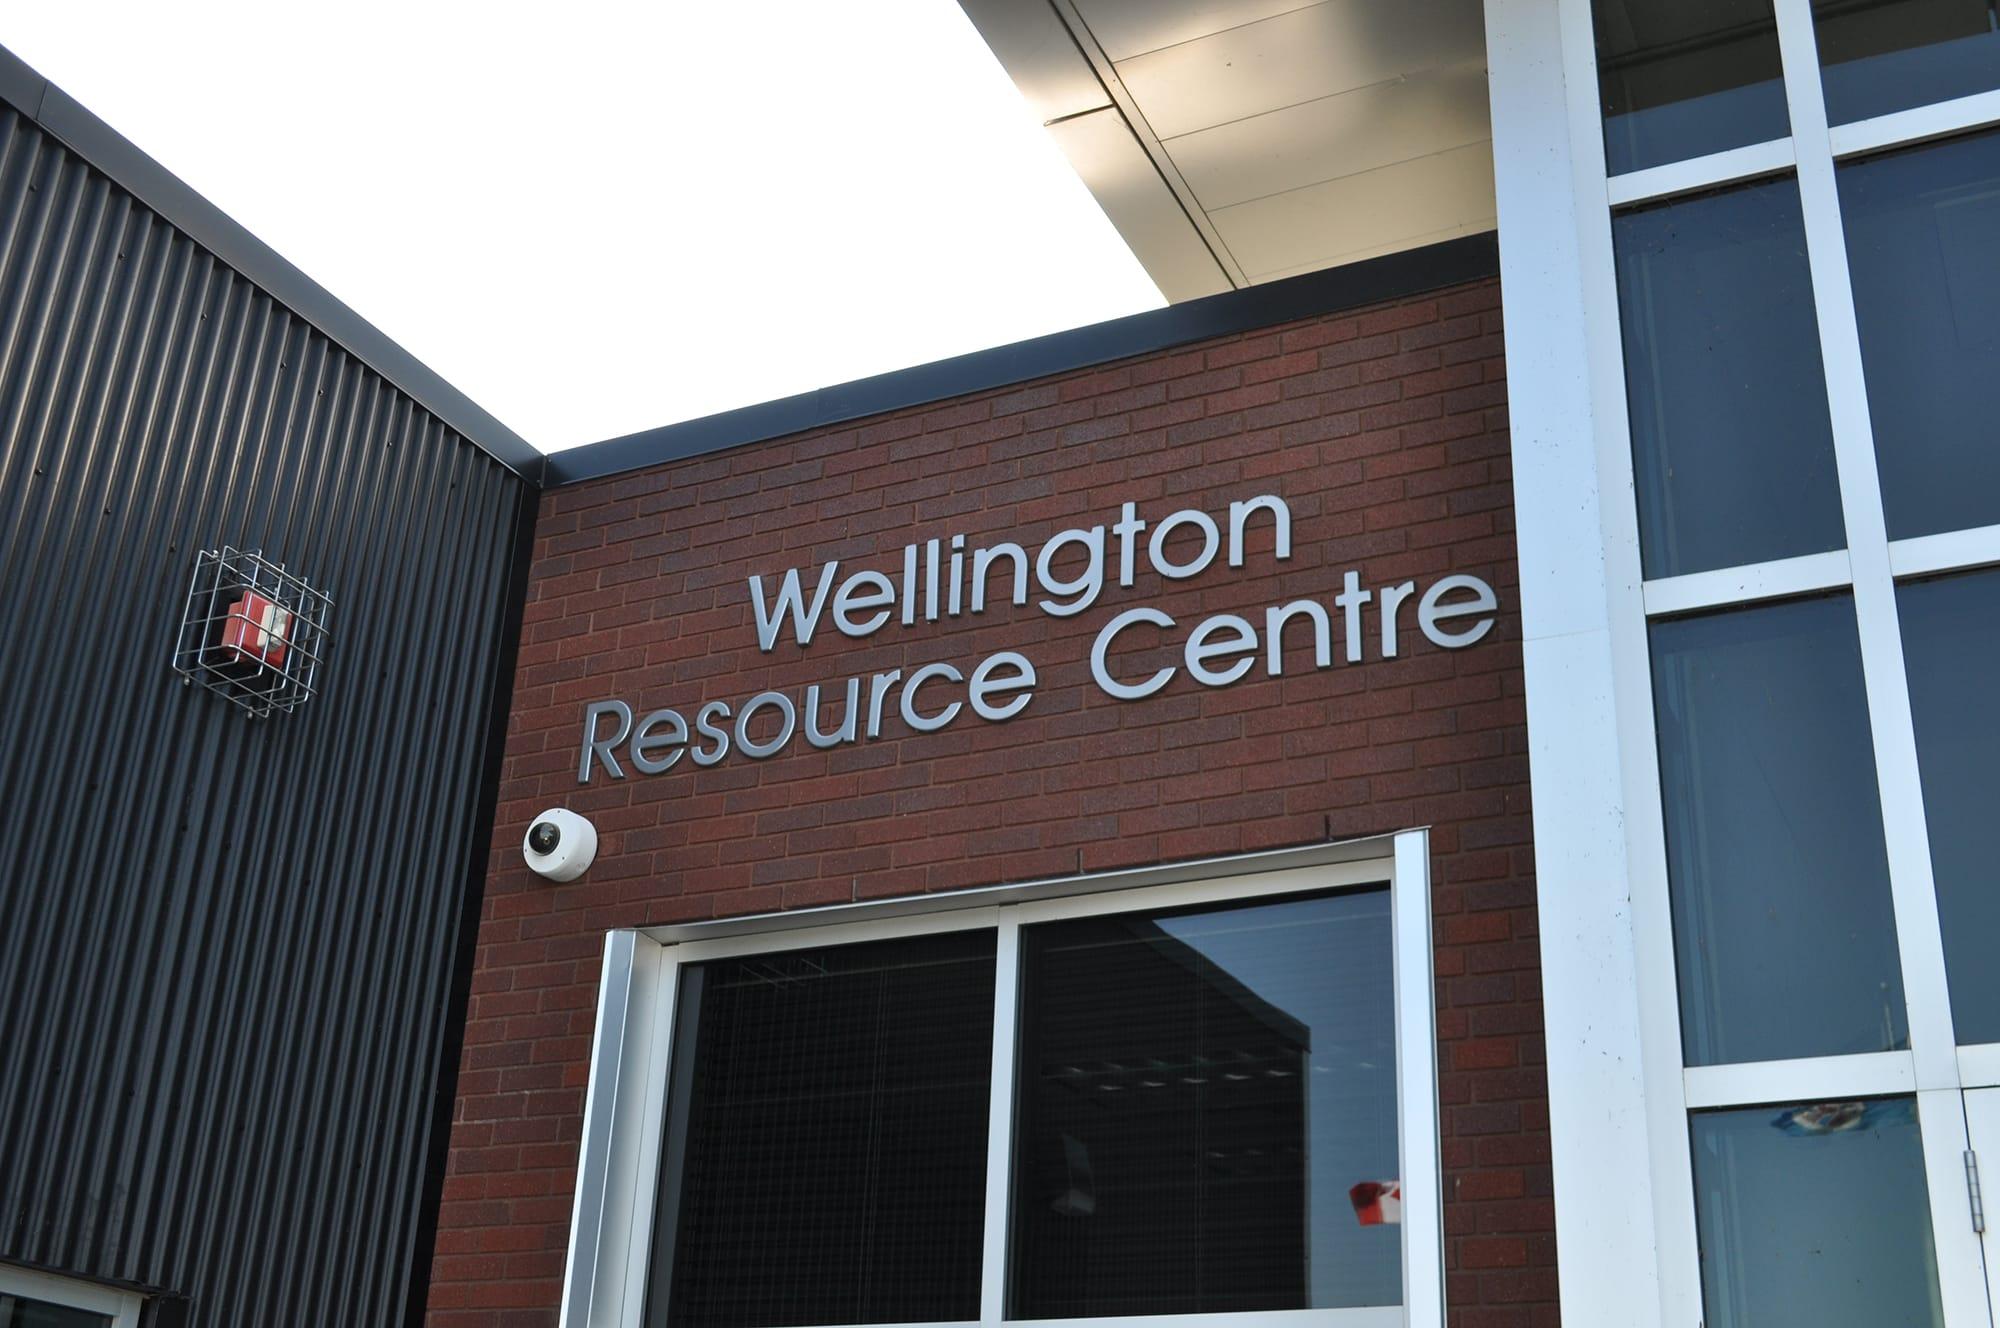 Wellington Resource Centre entrance